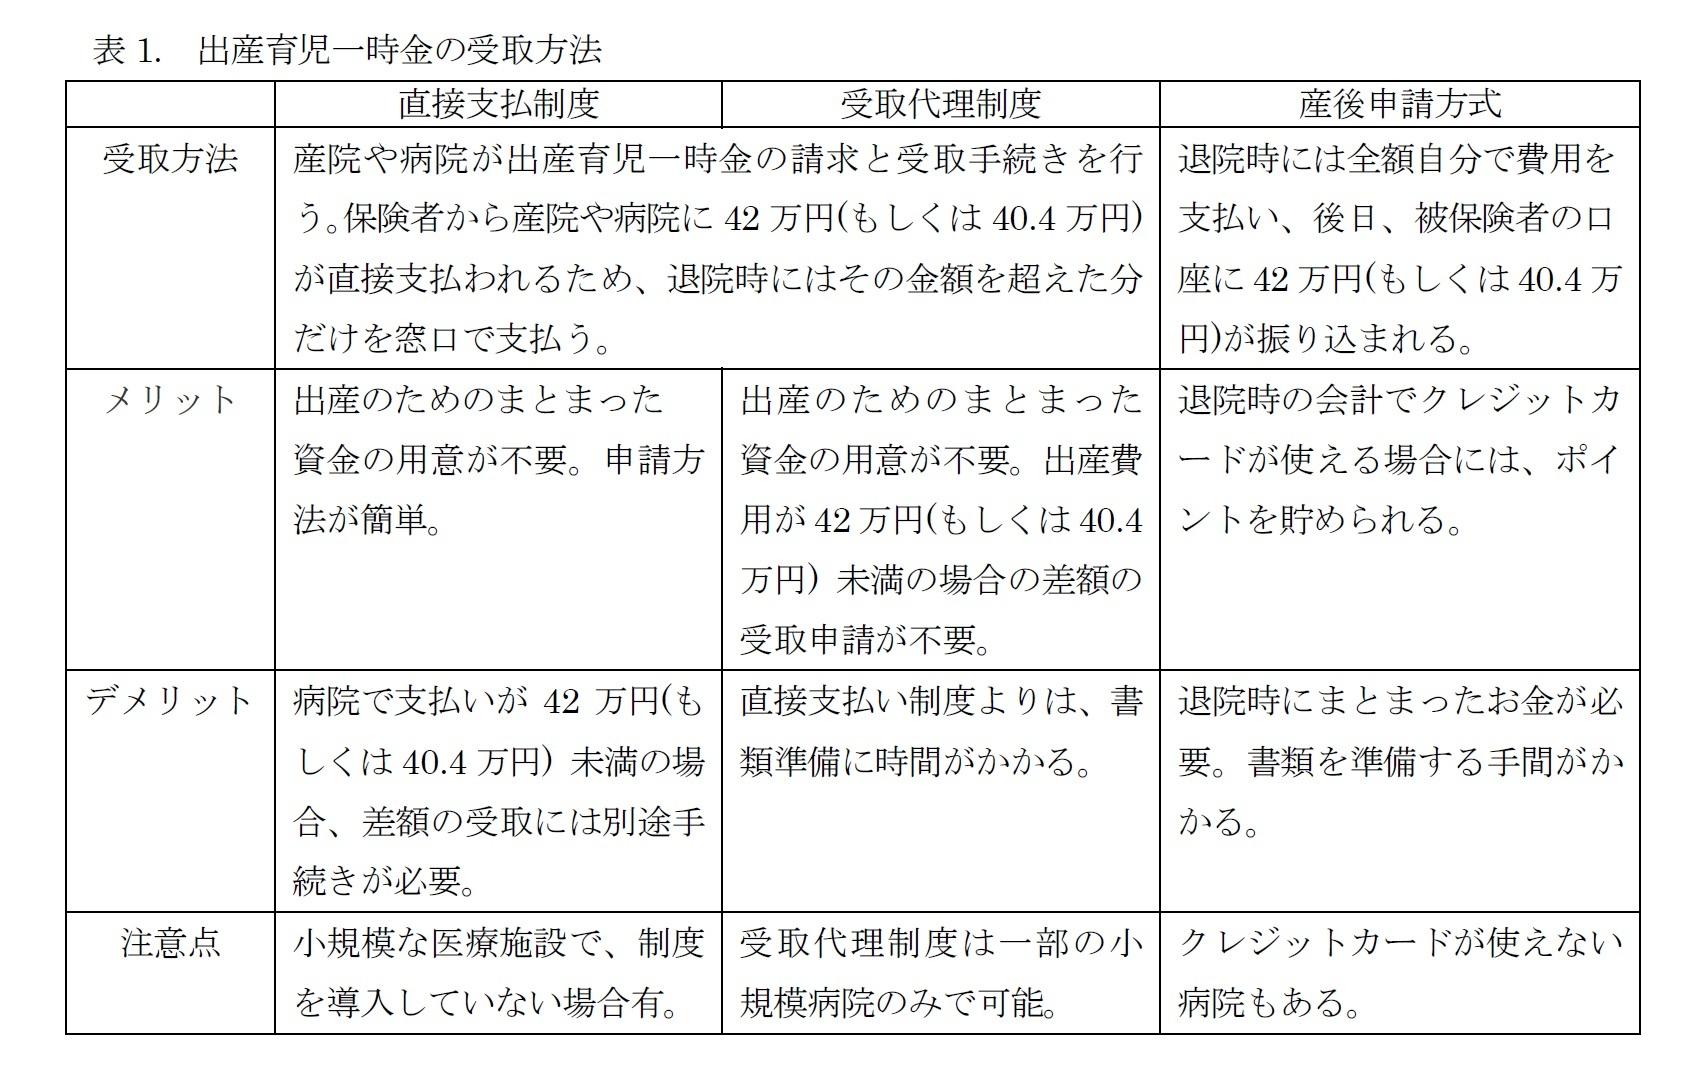 表1. 出産育児一時金の受取方法